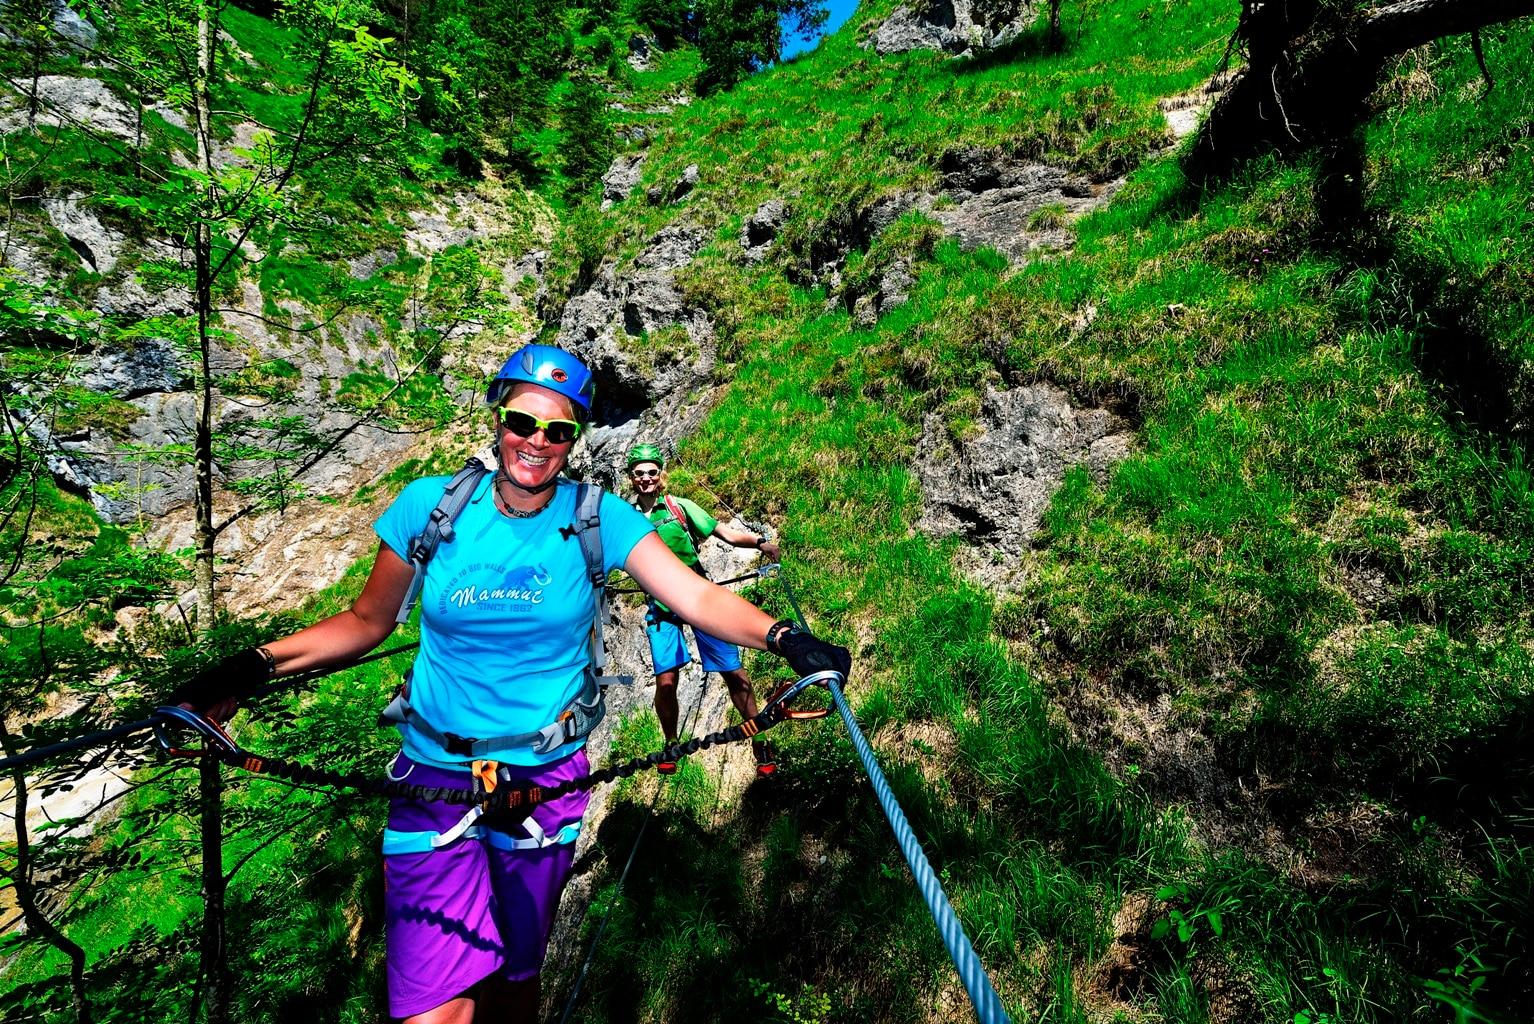 Klettersteig Reit Im Winkl : Klettersteige klettersteig reit im winkl km bergwelten